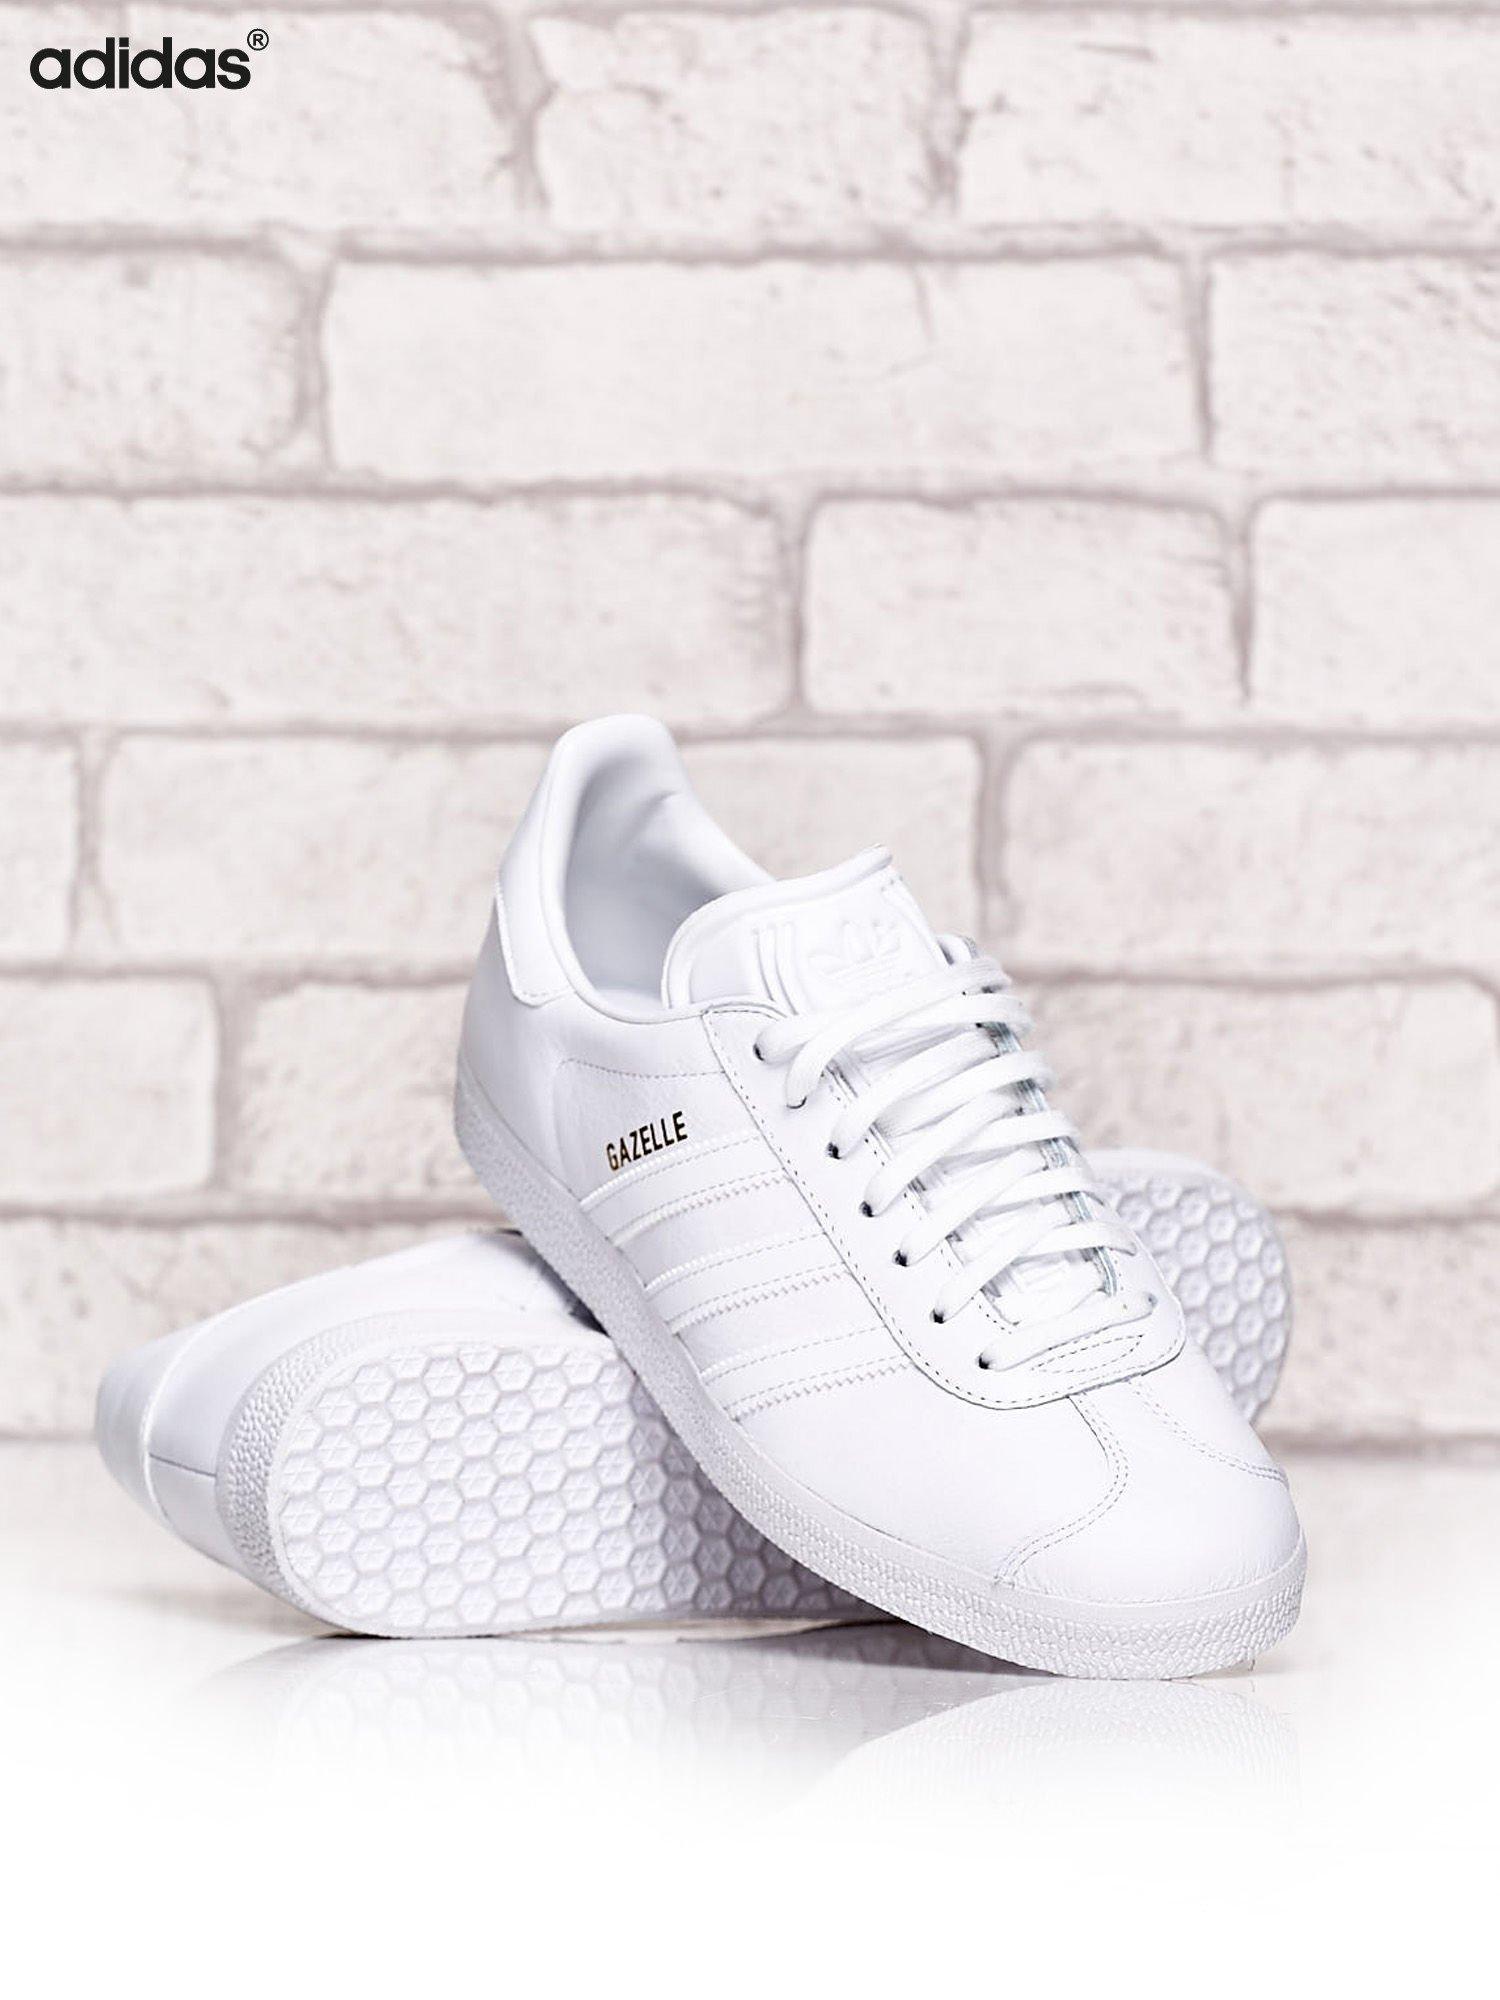 białe buty adidas eleganckie